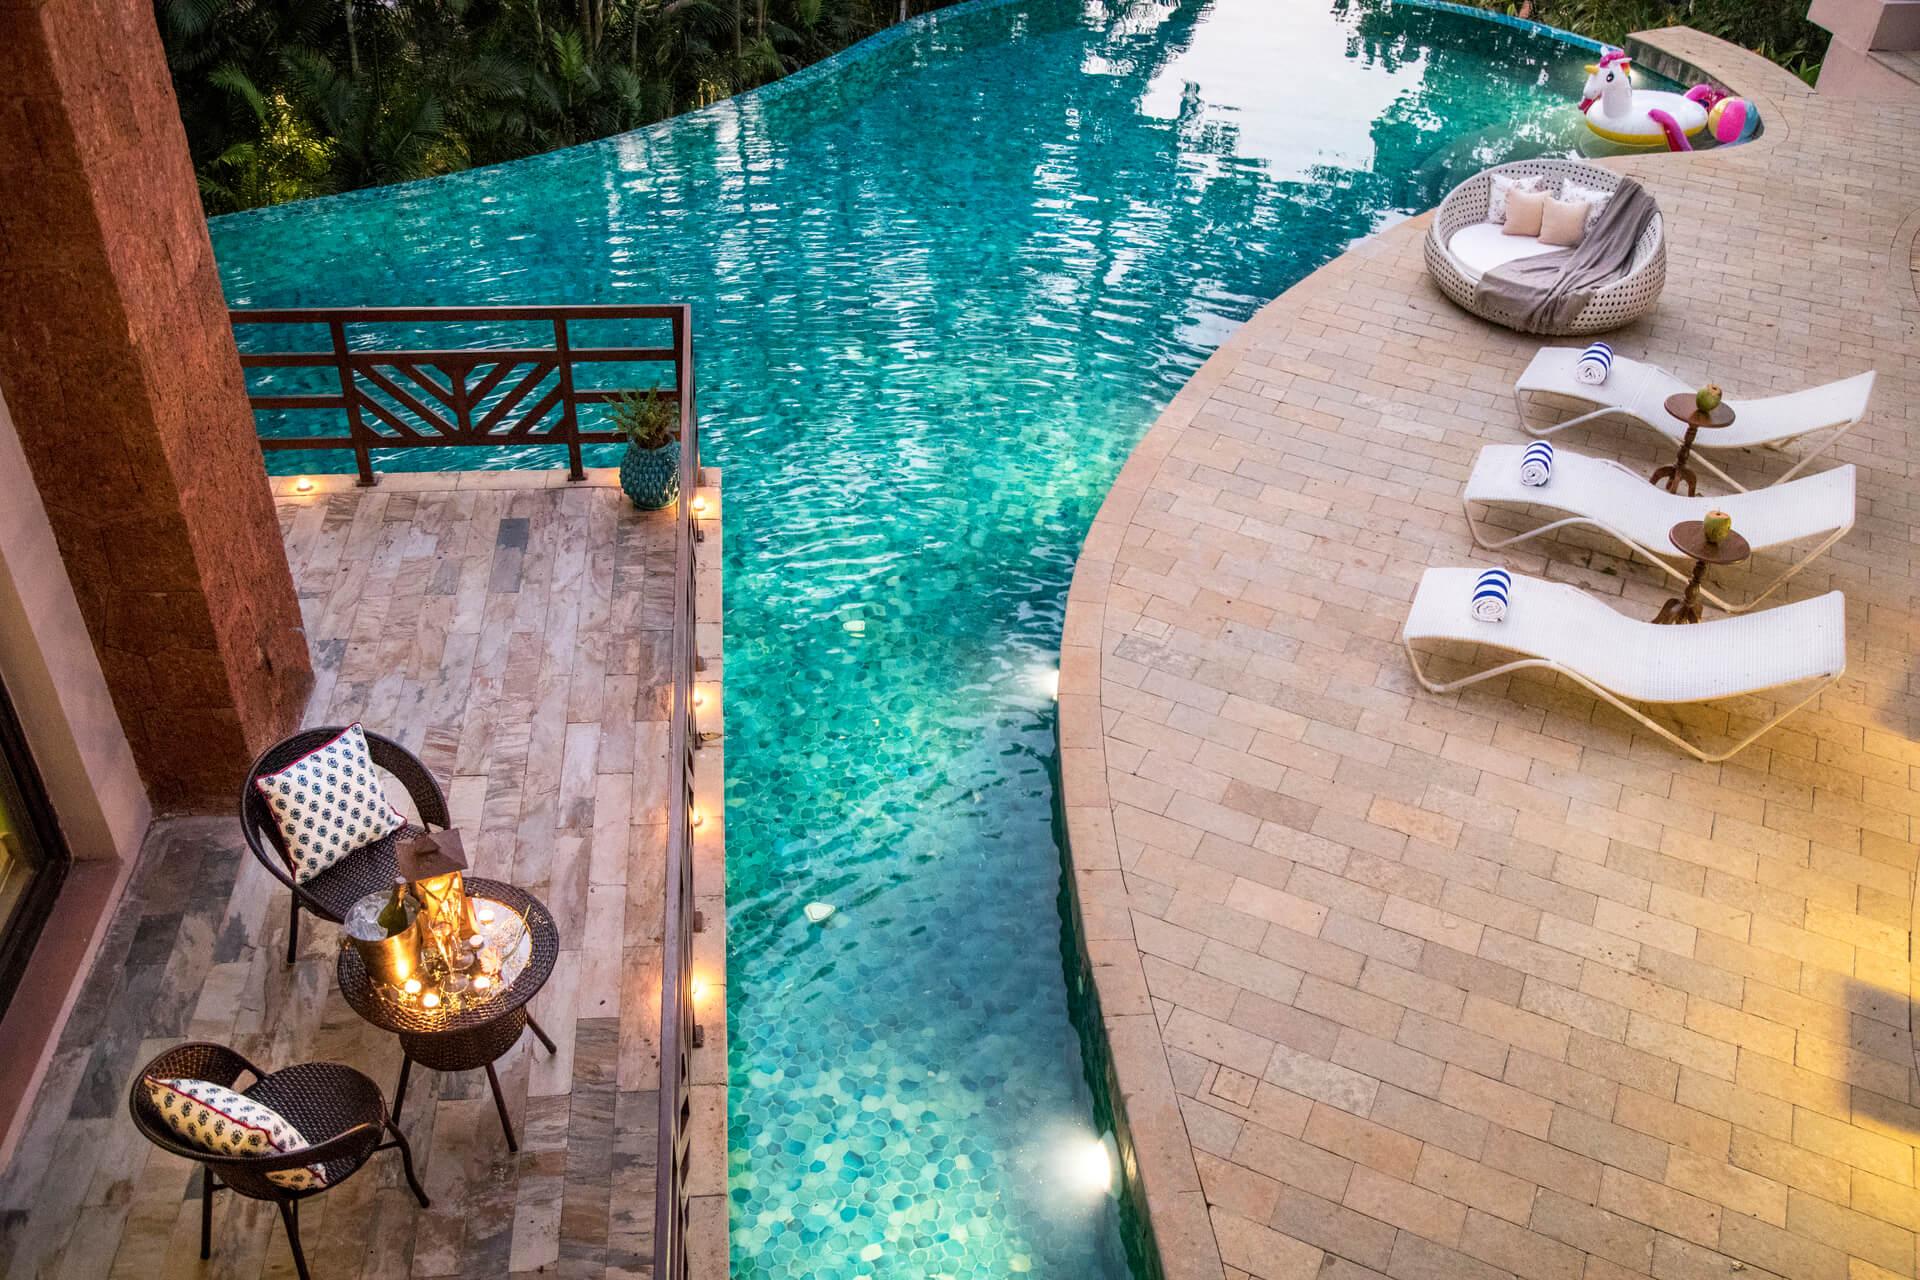 Rainbowtree - Private pool villas